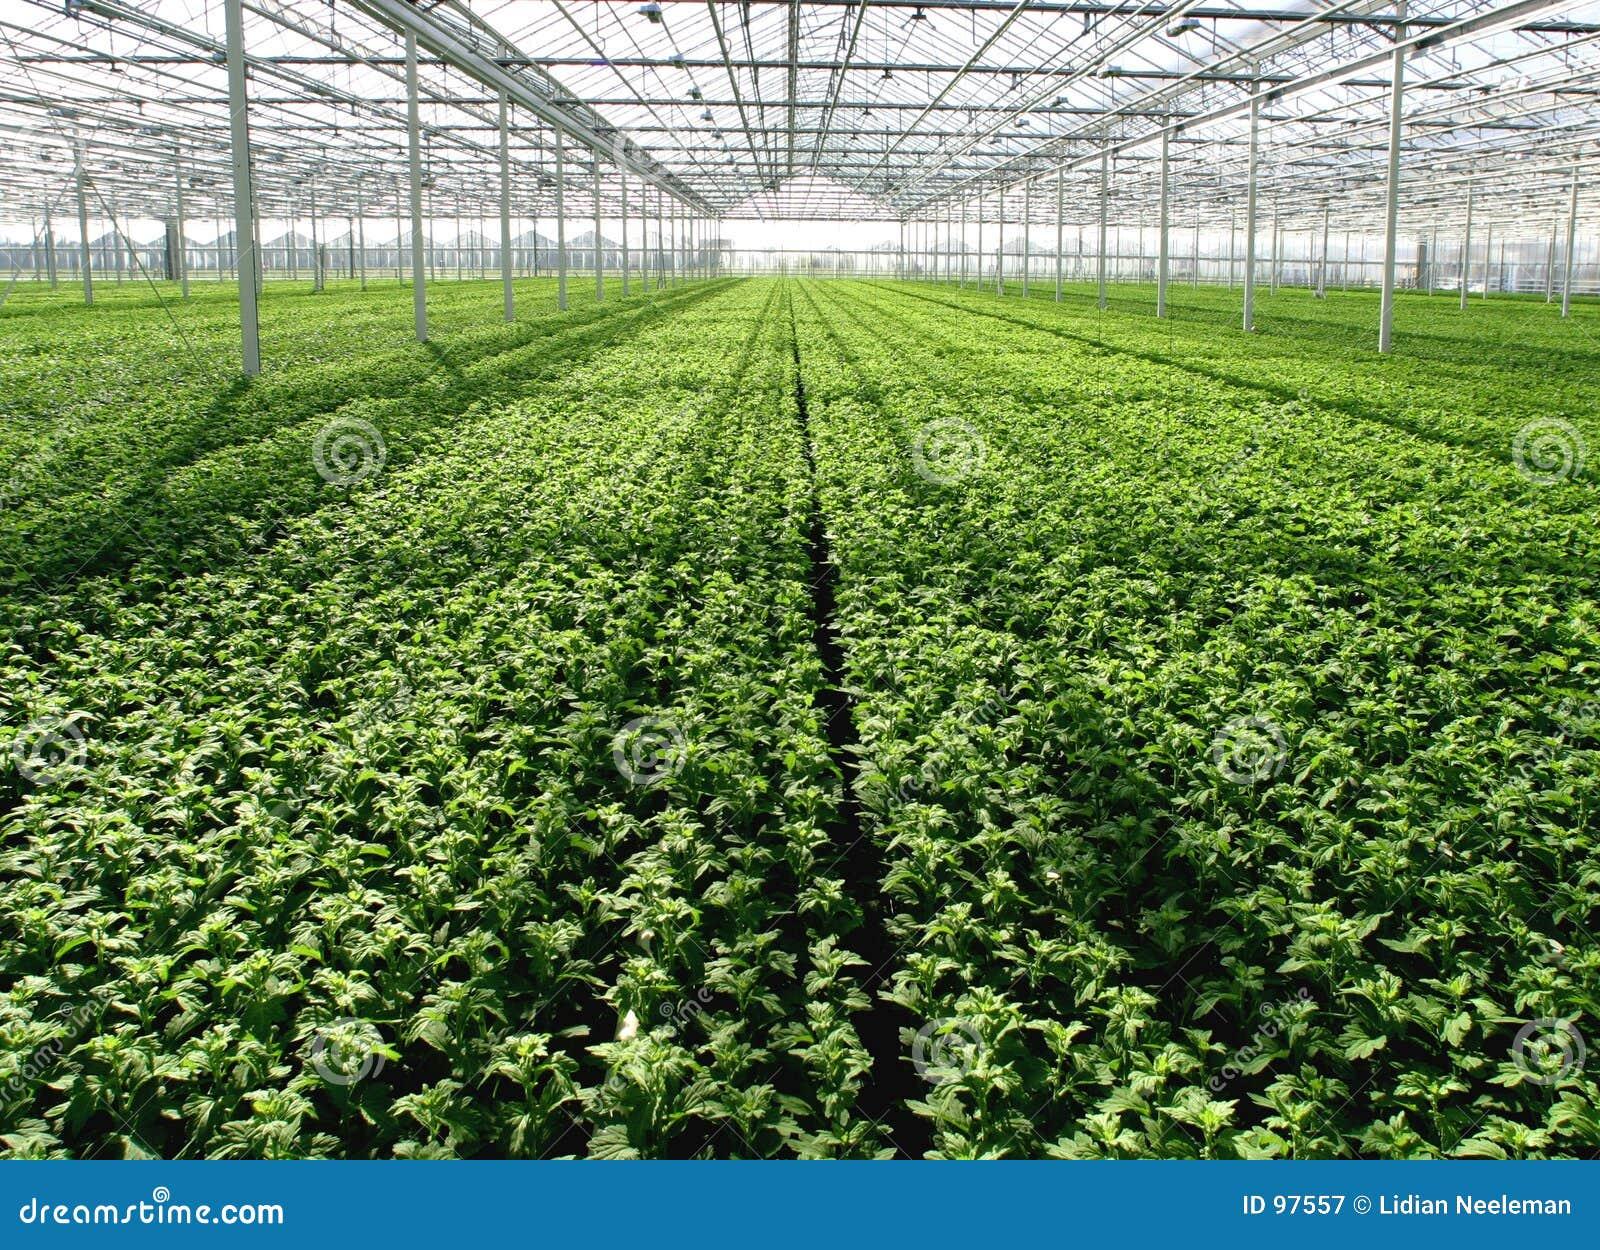 Plantas de semillero en invernadero for Plantas para invernadero